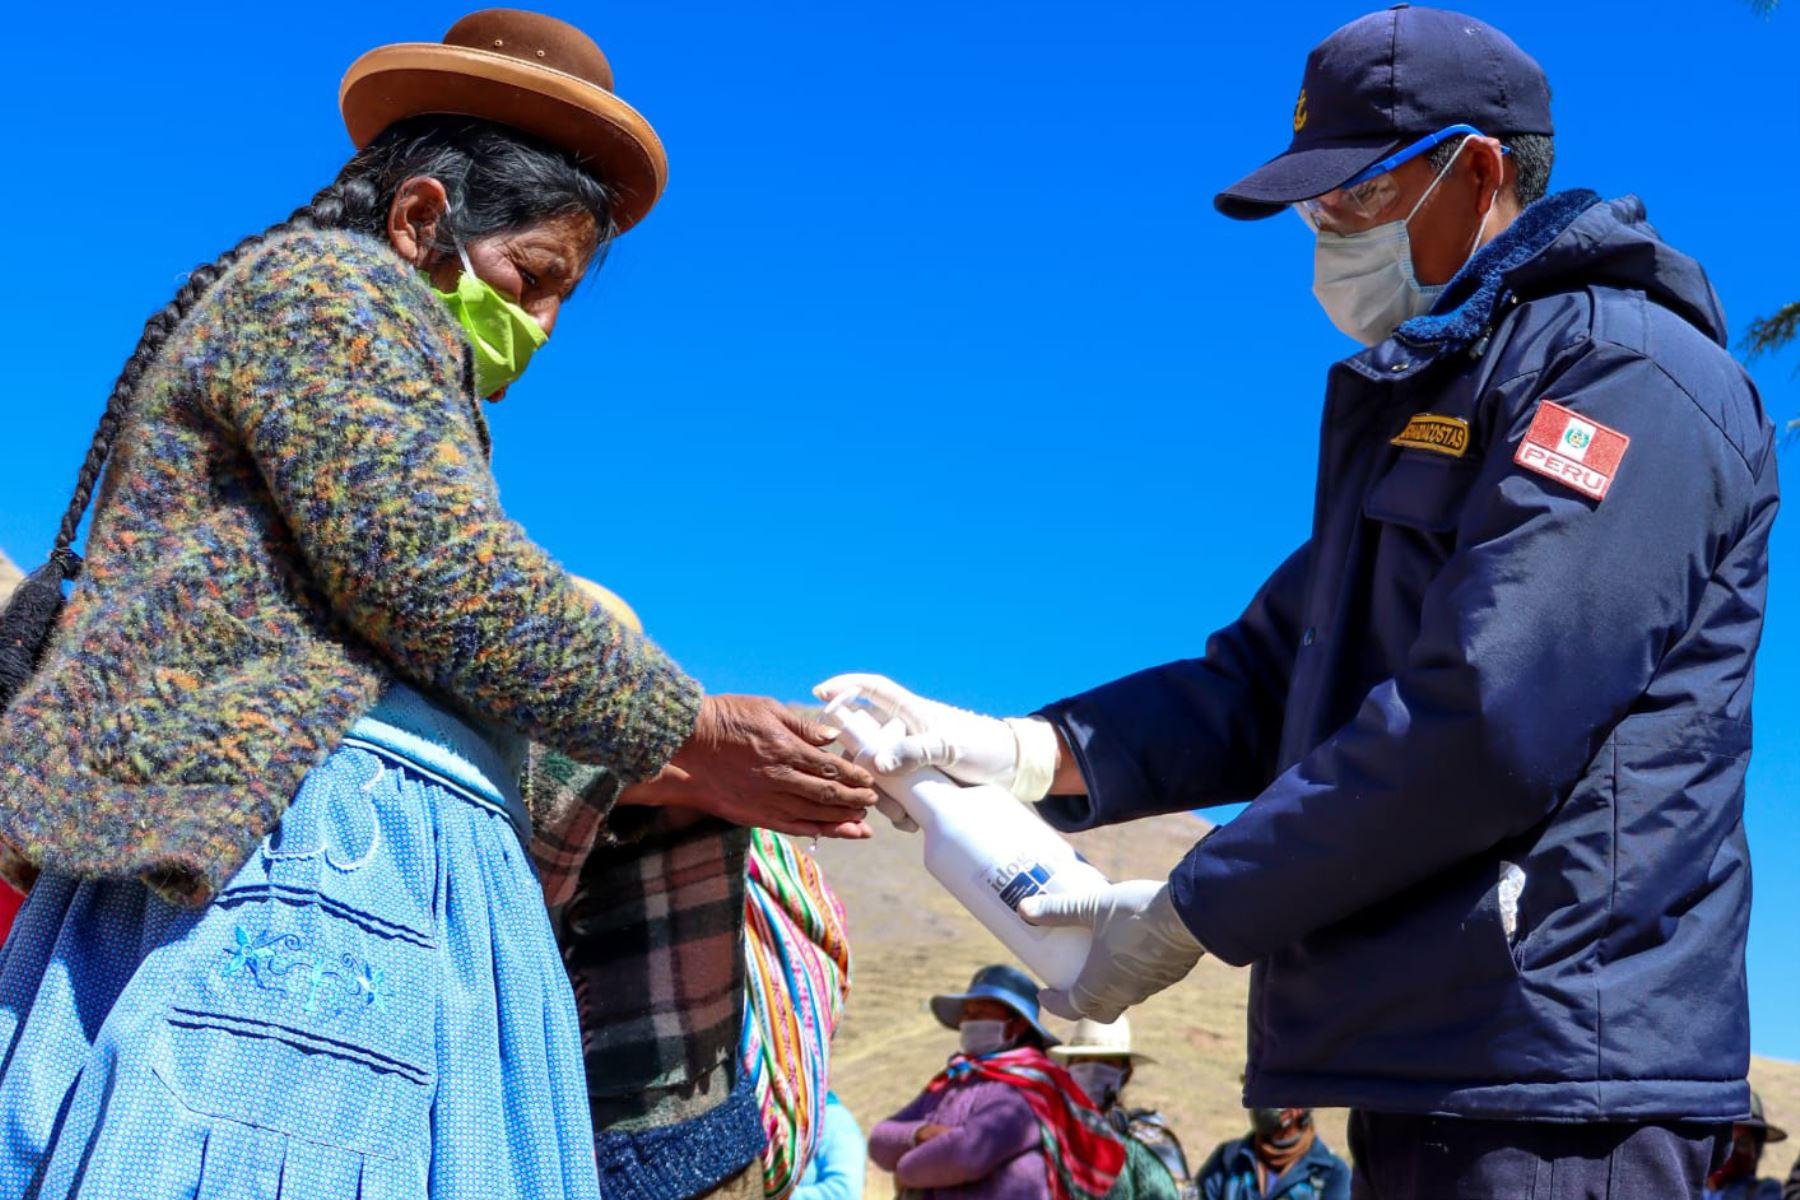 La Capitanía de Puerto de Puno y representantes de Cáritas Perú entregaron canastas con víveres y kits de aseo personal a familias más vulnerables del distrito de San Antón. Foto:Marina de Guerra